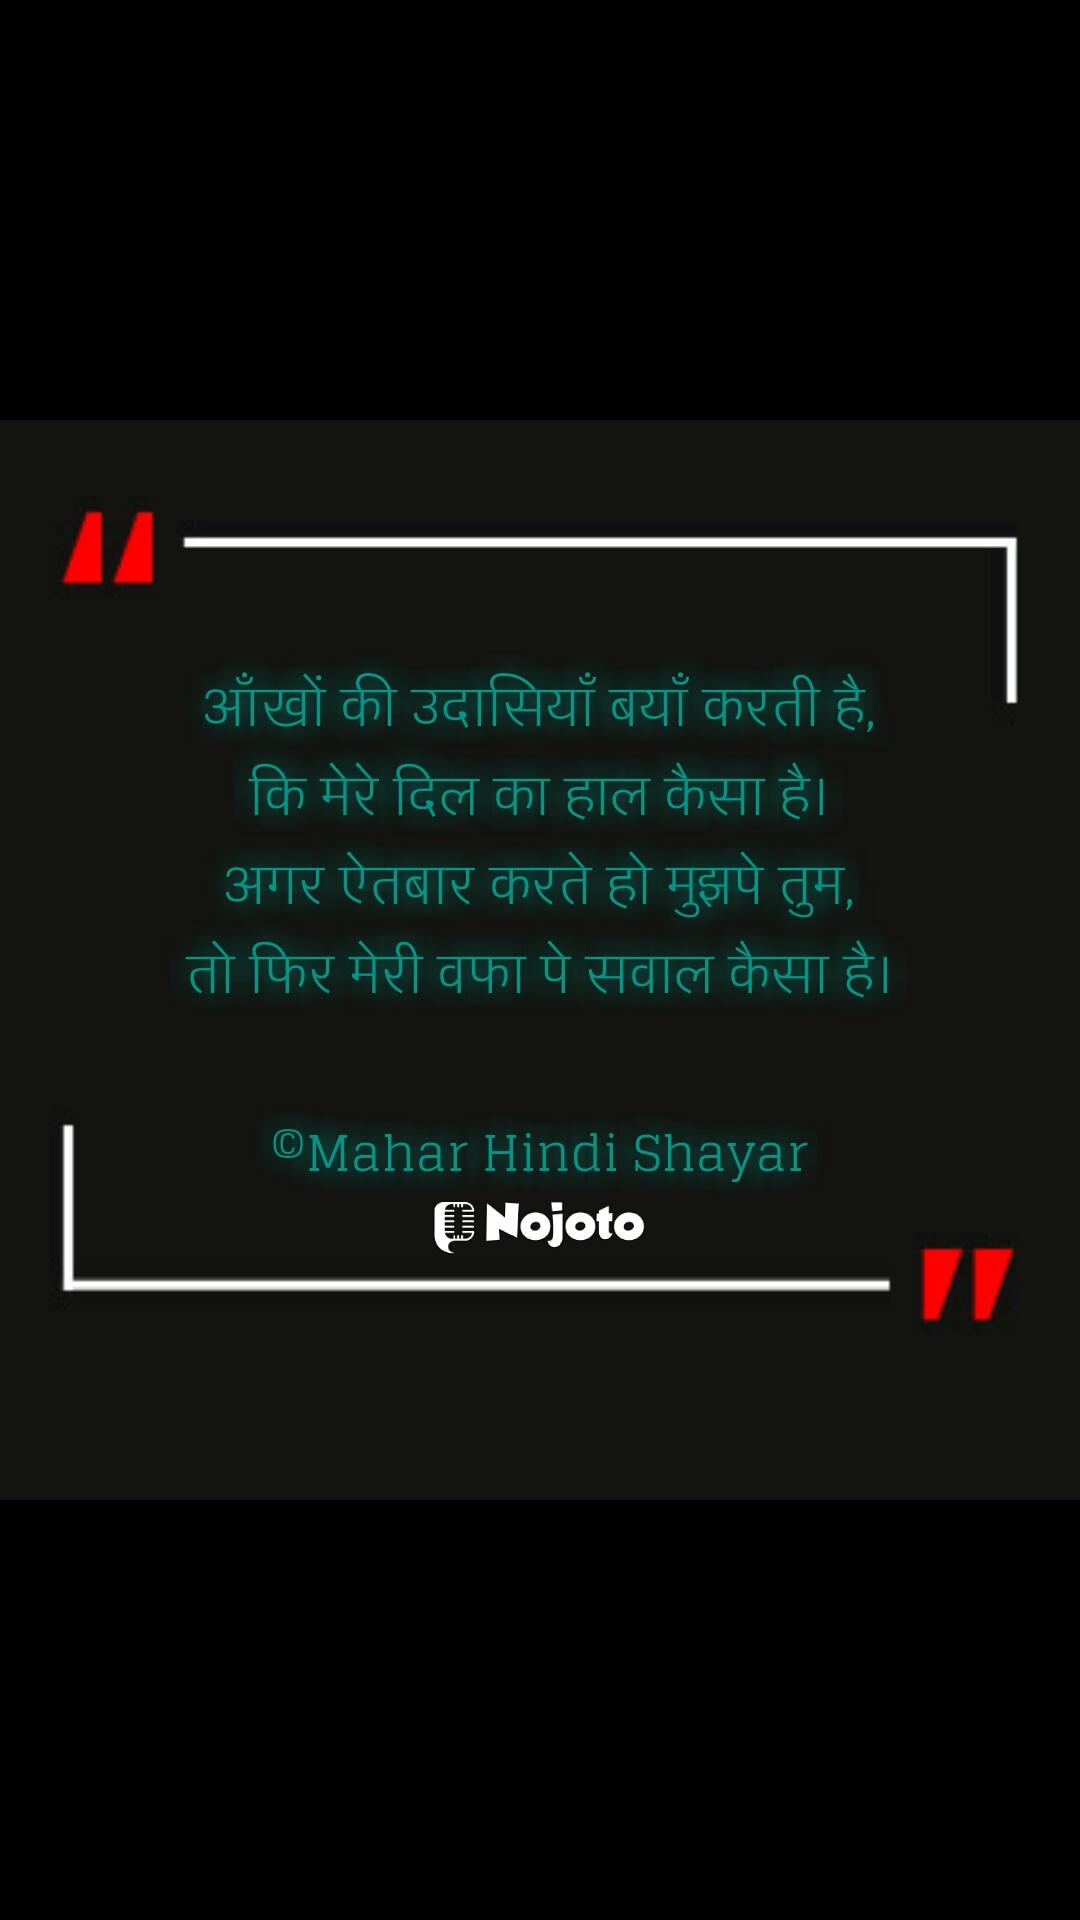 आँखों की उदासियाँ बयाँ करती है, कि मेरे दिल का हाल कैसा है। अगर ऐतबार करते हो मुझपे तुम, तो फिर मेरी वफा पे सवाल कैसा है।  ©Mahar Hindi Shayar